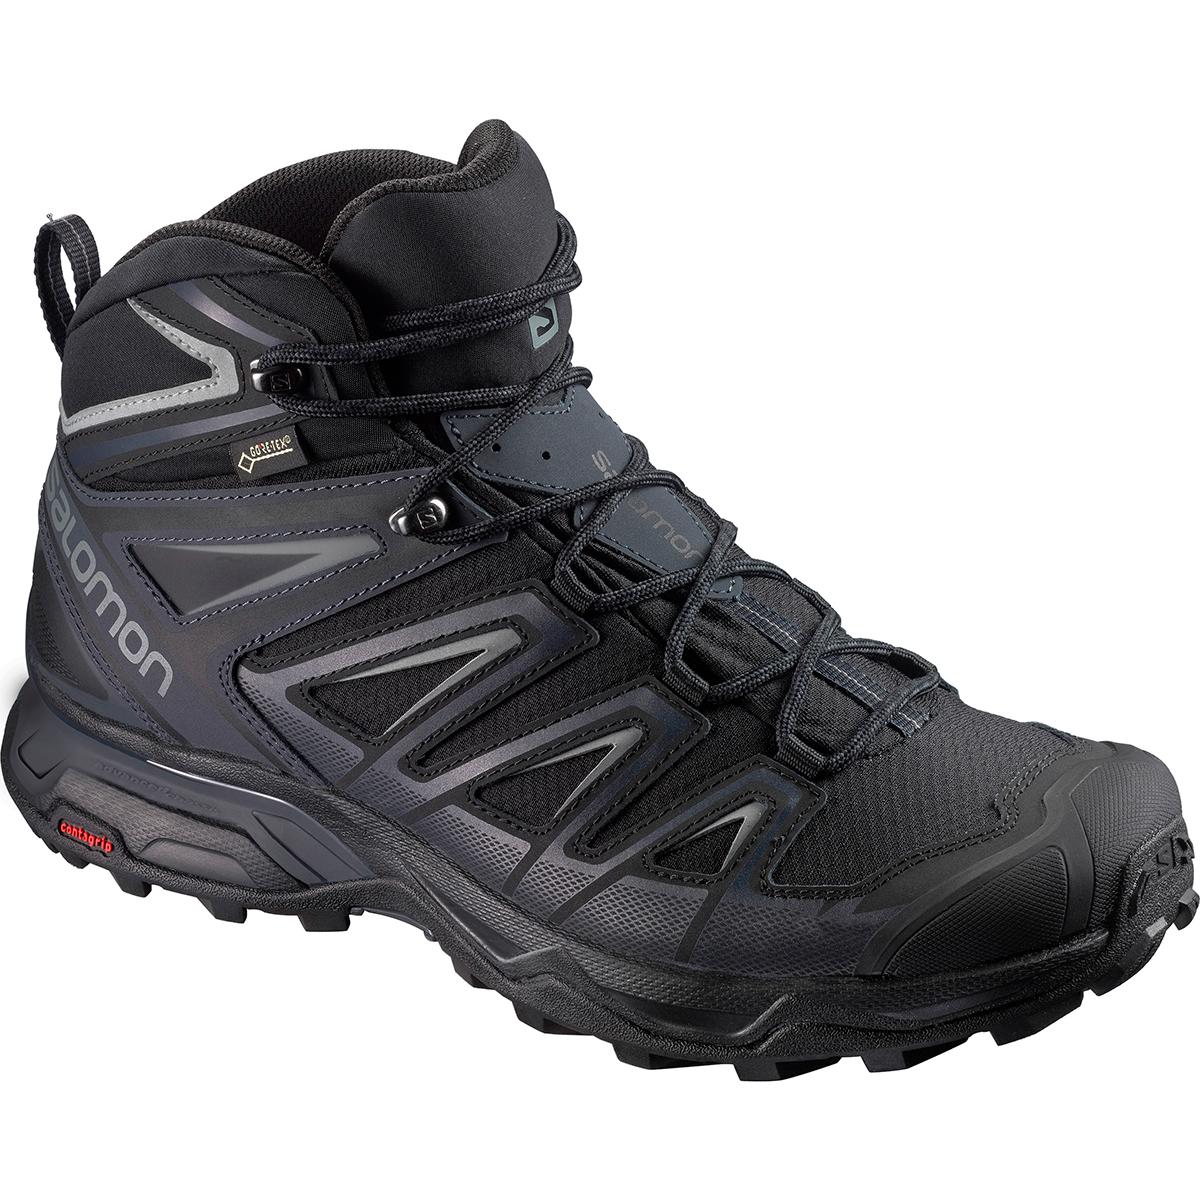 black waterproof hiking shoes